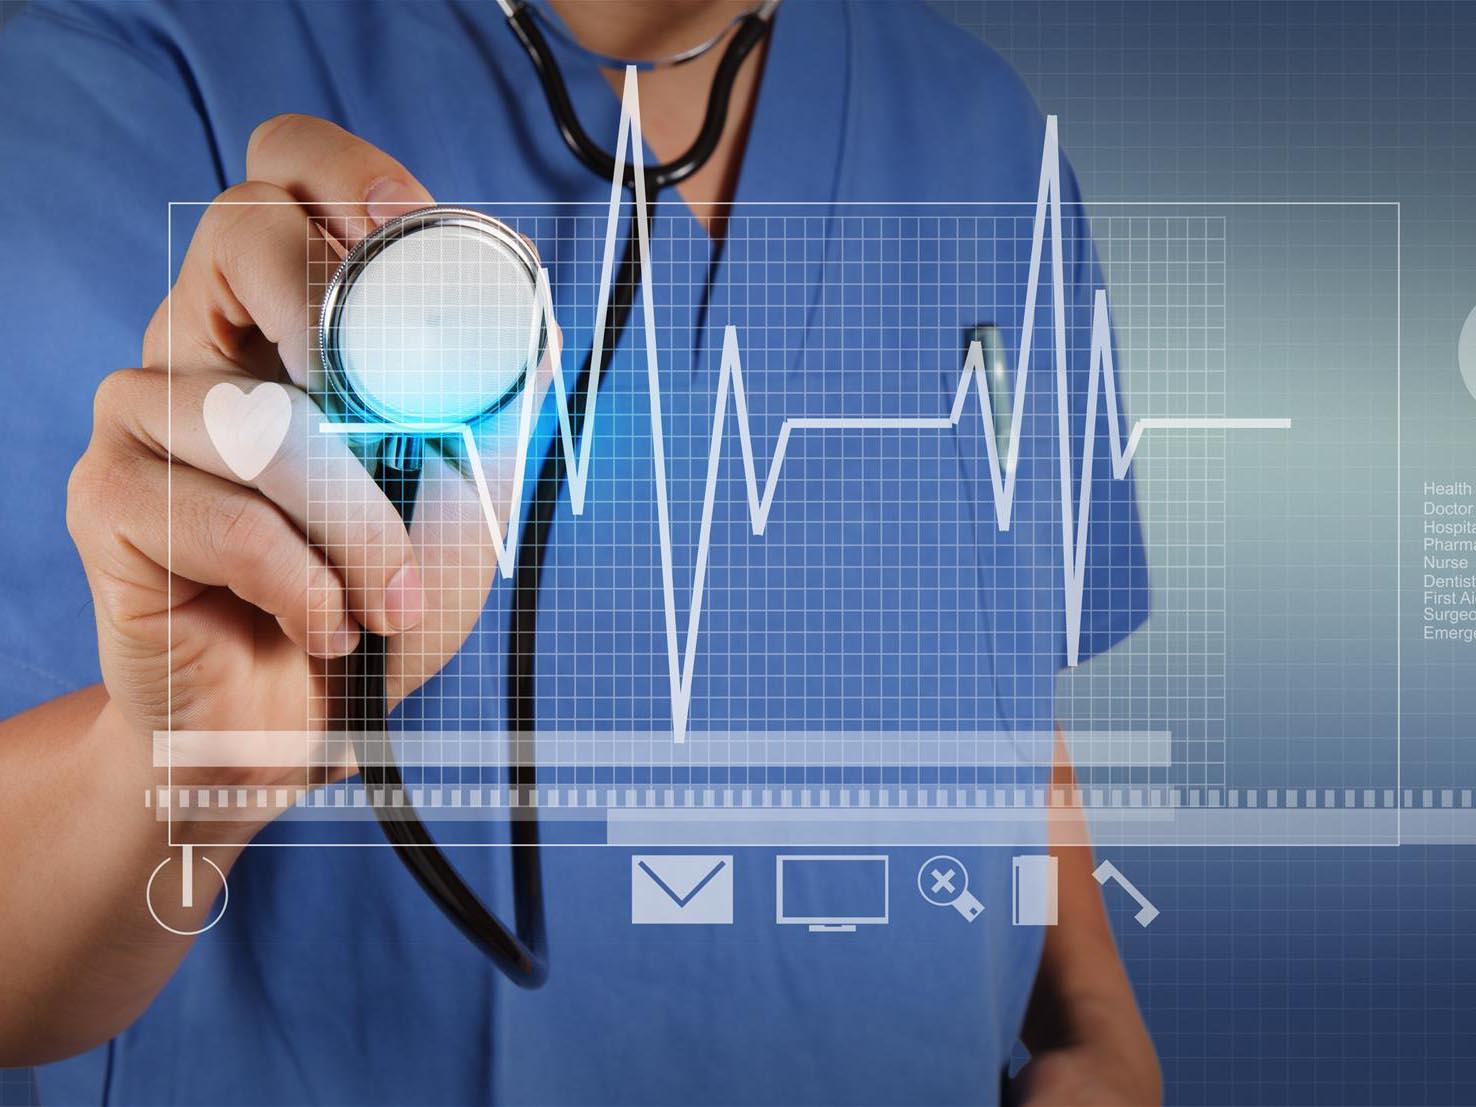 曾重鈞心臟科醫師介紹_電話_地址_營業時間-洛杉磯最大的華人商家資訊平臺